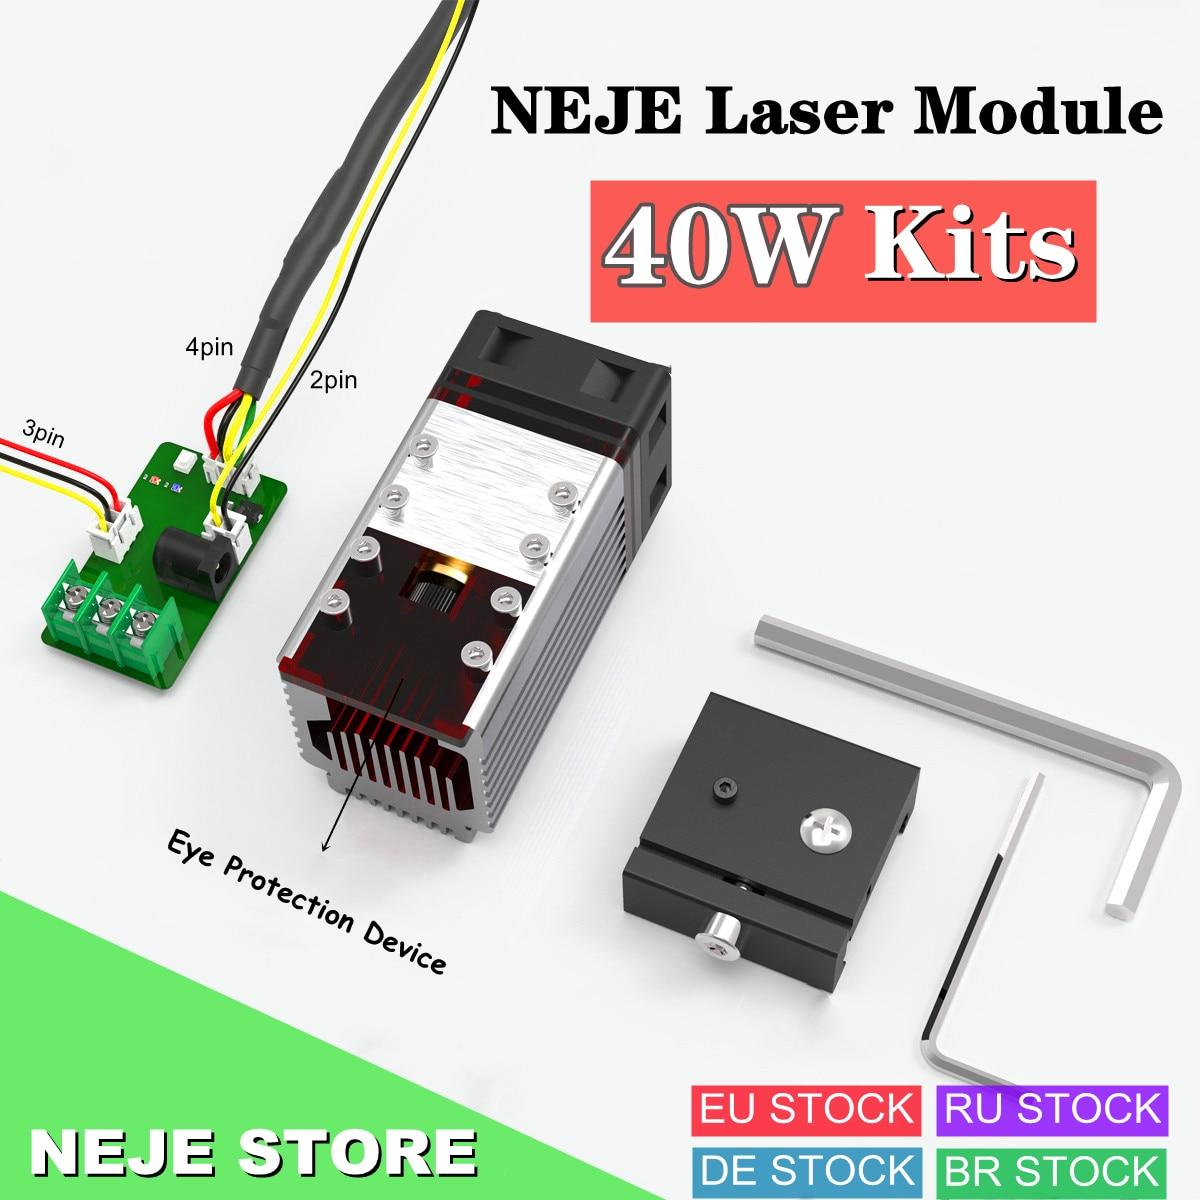 NEJE N40630 40 واط وحدة الليزر رئيس عدة TTL 450nm الضوء الأزرق ل المهنية نك الليزر حفارة الخشب قطع آلة الحفر